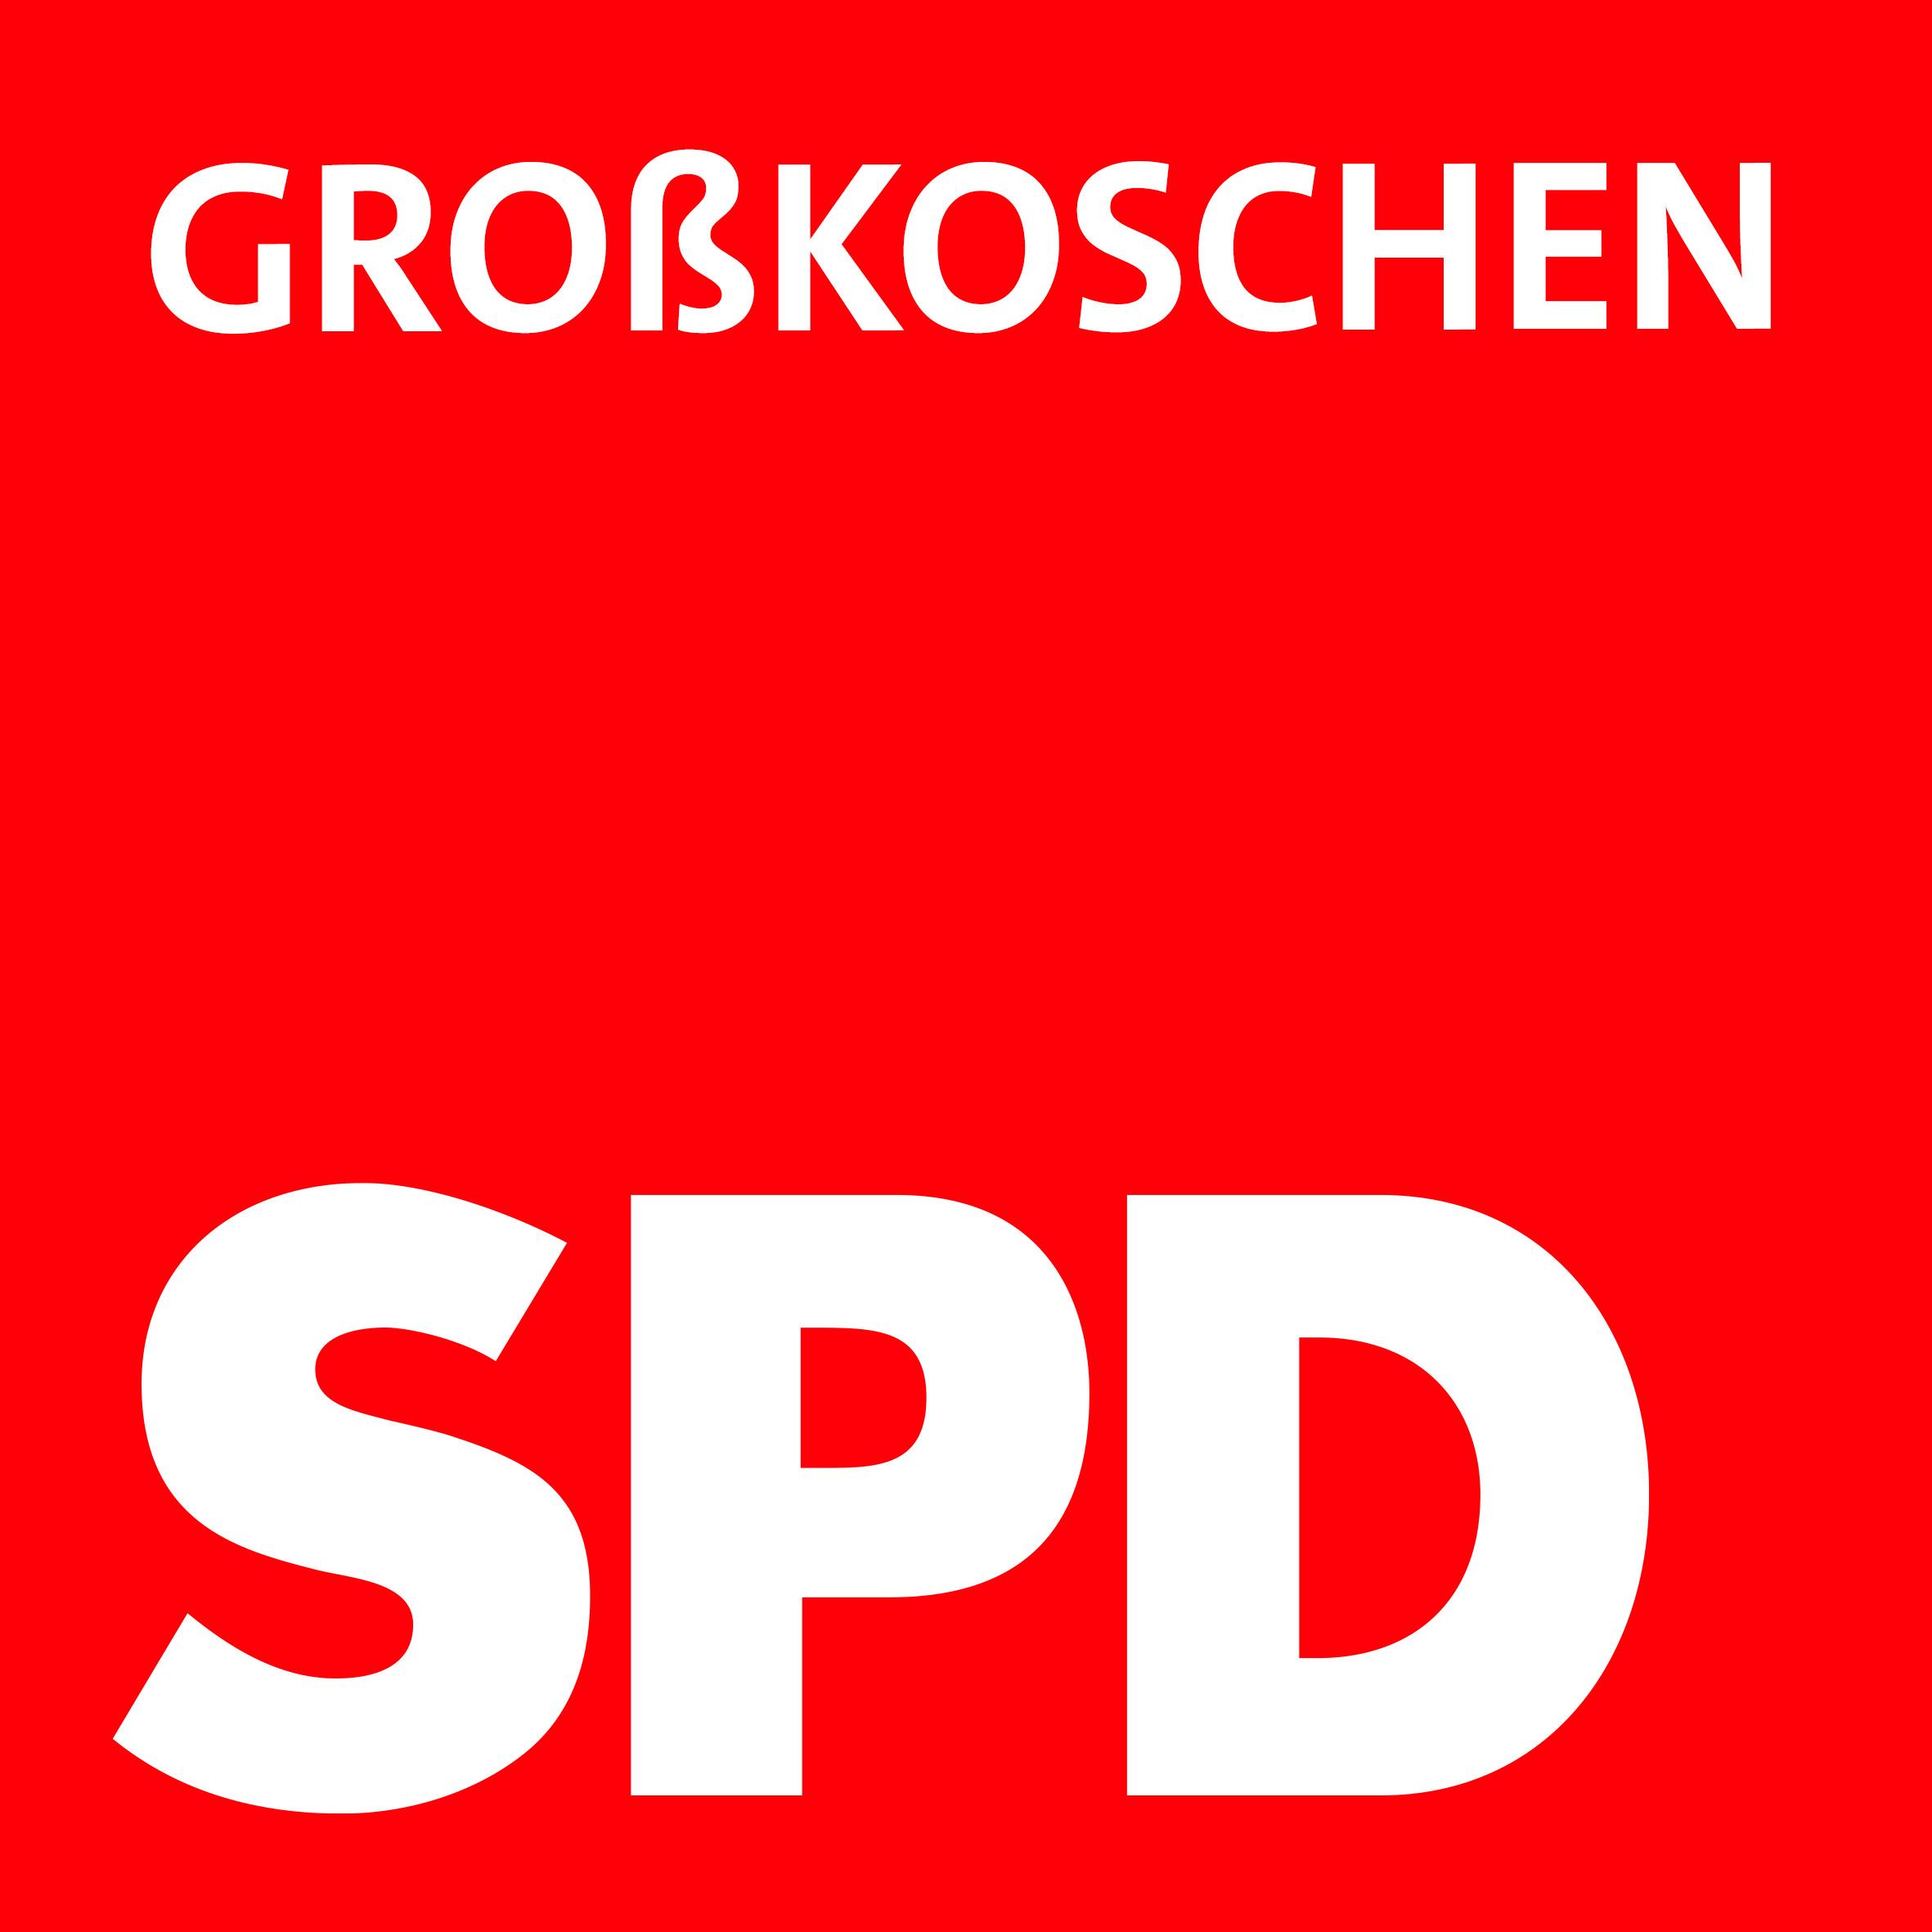 SPD Großkoschen